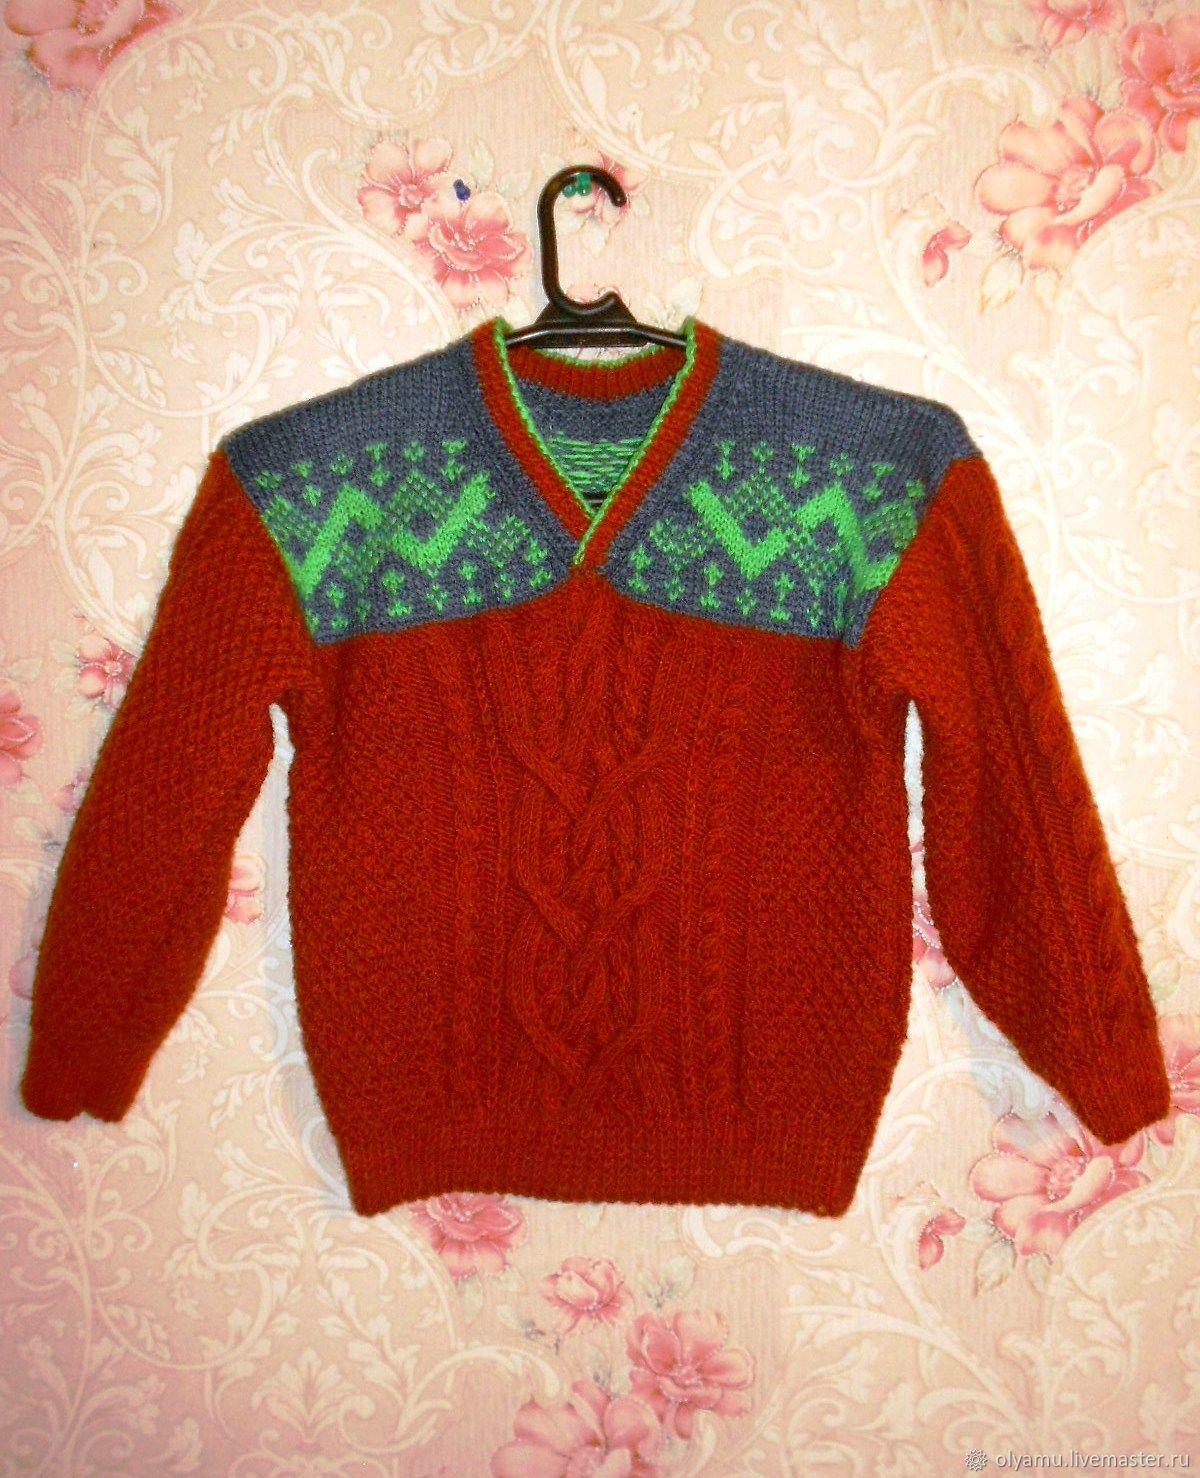 Одежда для мальчиков, ручной работы. Ярмарка Мастеров - ручная работа. Купить Как у папы. Пуловер для мальчика.Спицы. Handmade.